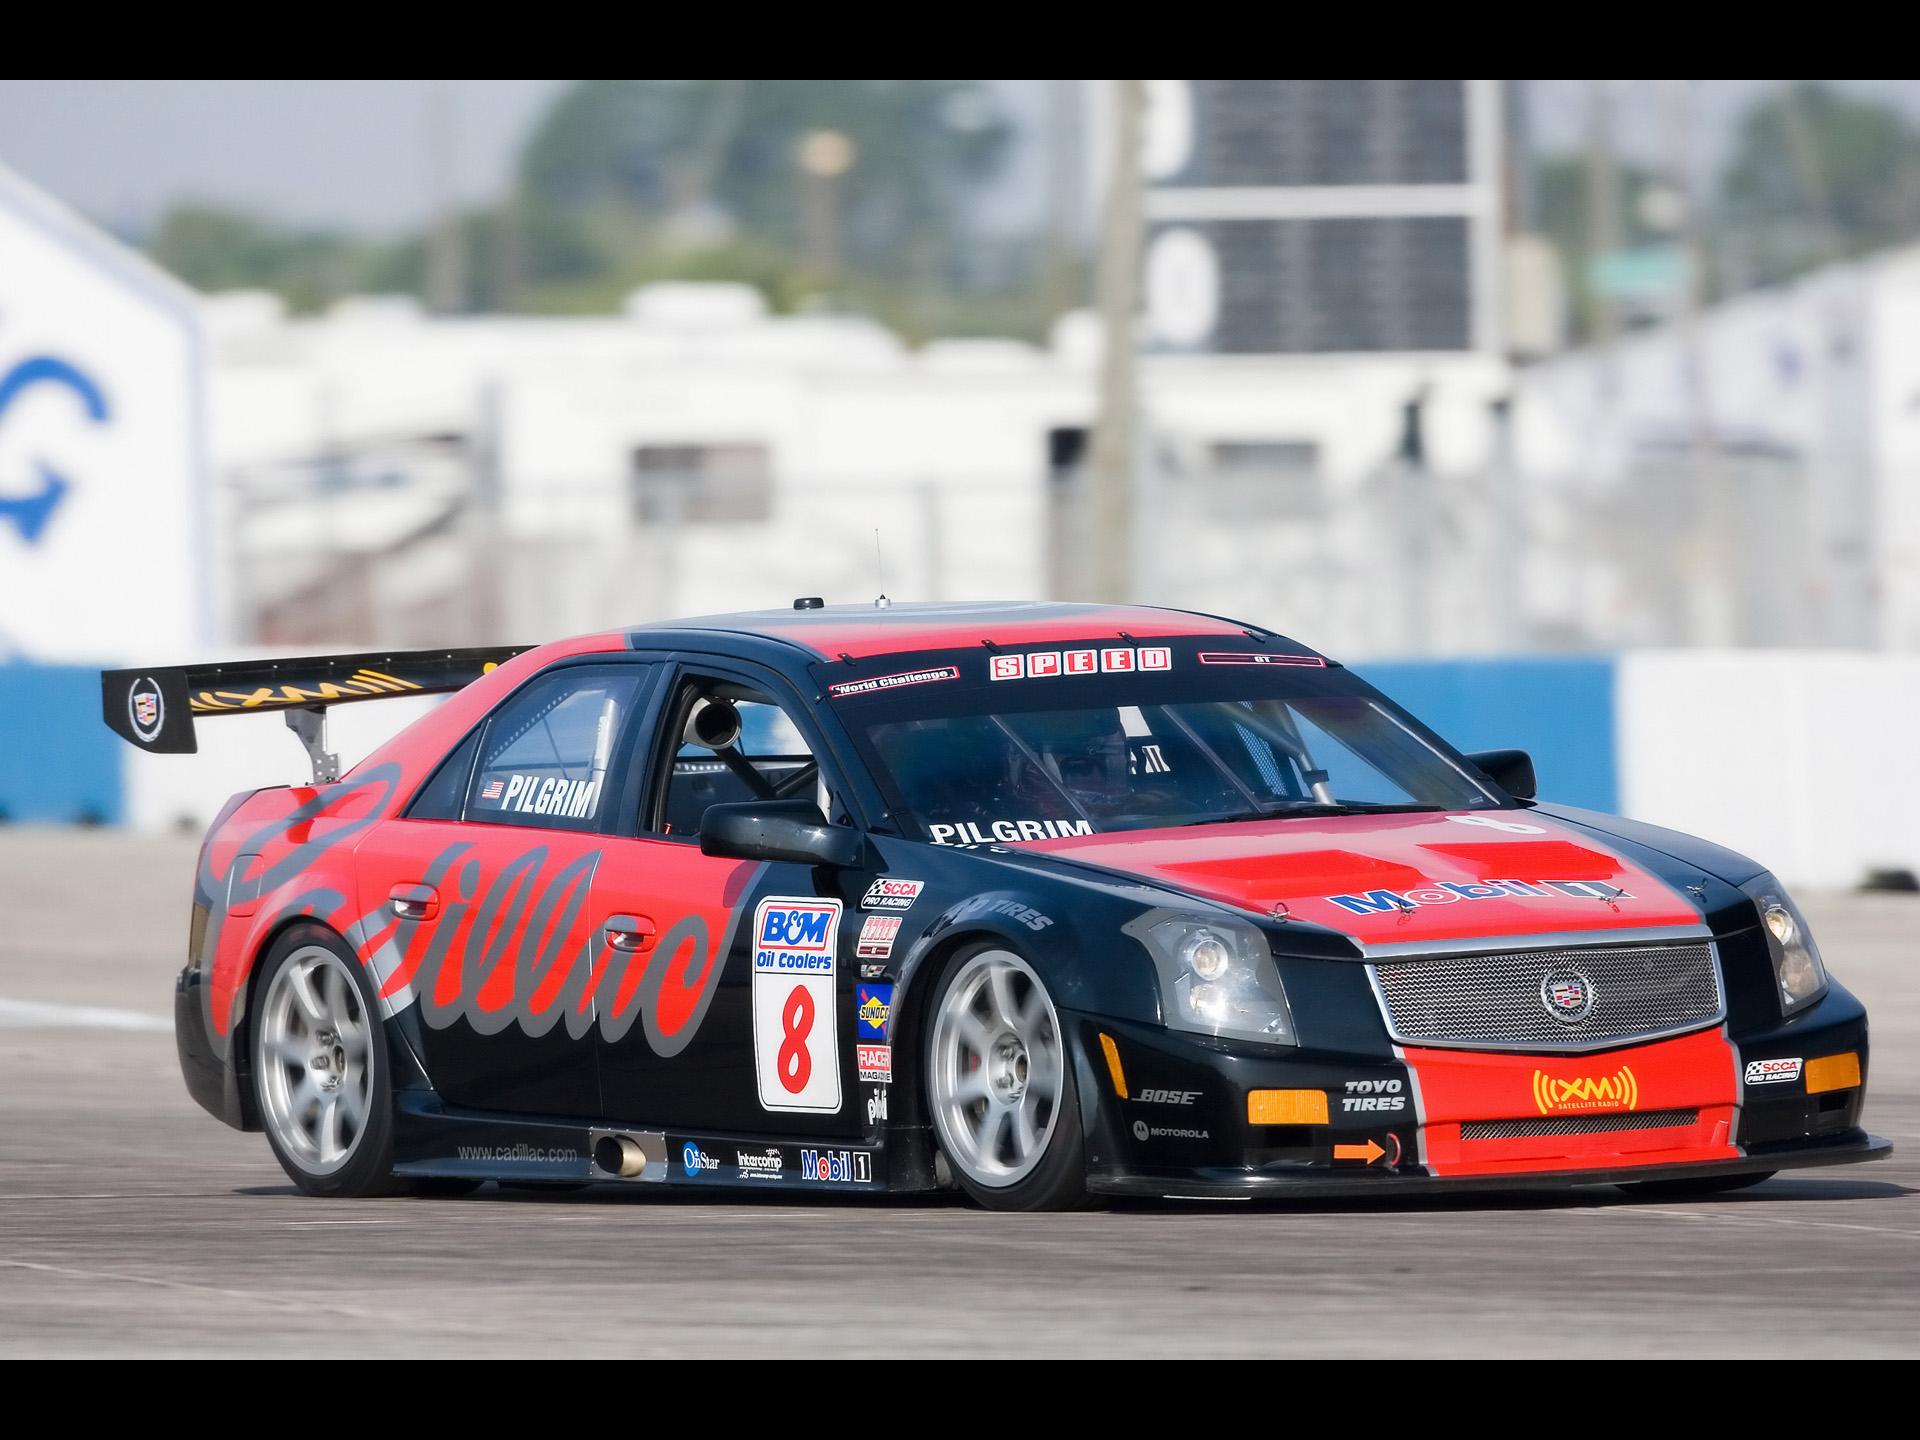 2007 Cadillac CTS V Racing   Sebring 3   1920x1440   Wallpaper 1920x1440